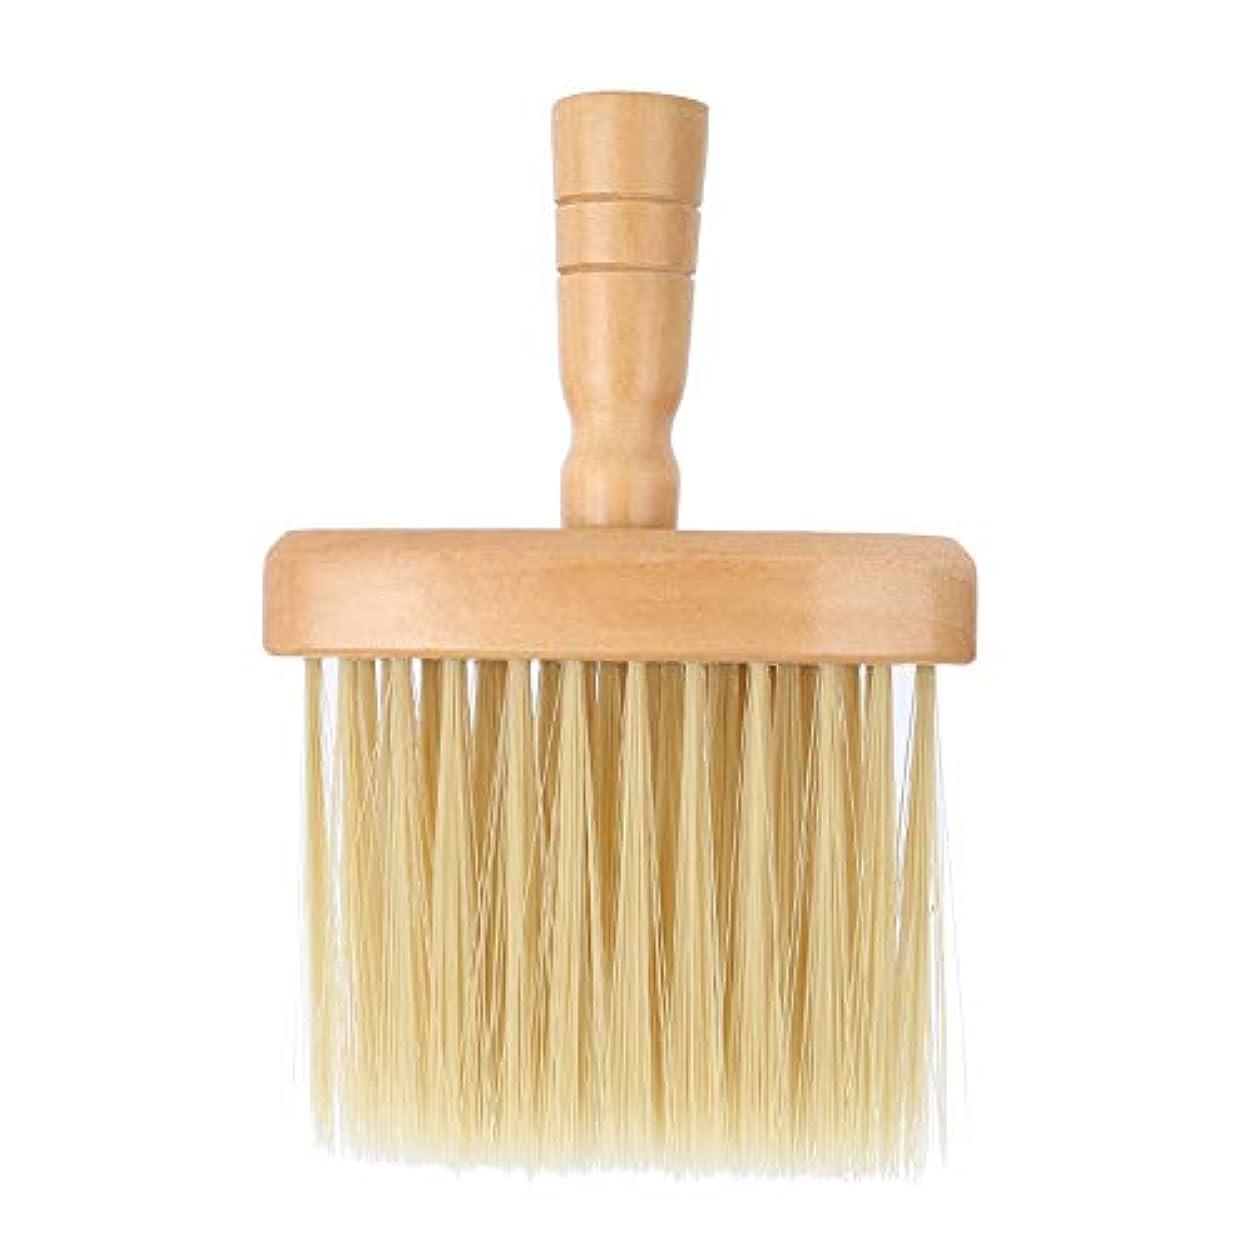 累積ブローホール戻るヘアカットブラシネックフェイスダスターブラシサロンヘアクリーニング木製掃除ブラシヘアカット理髪ツール